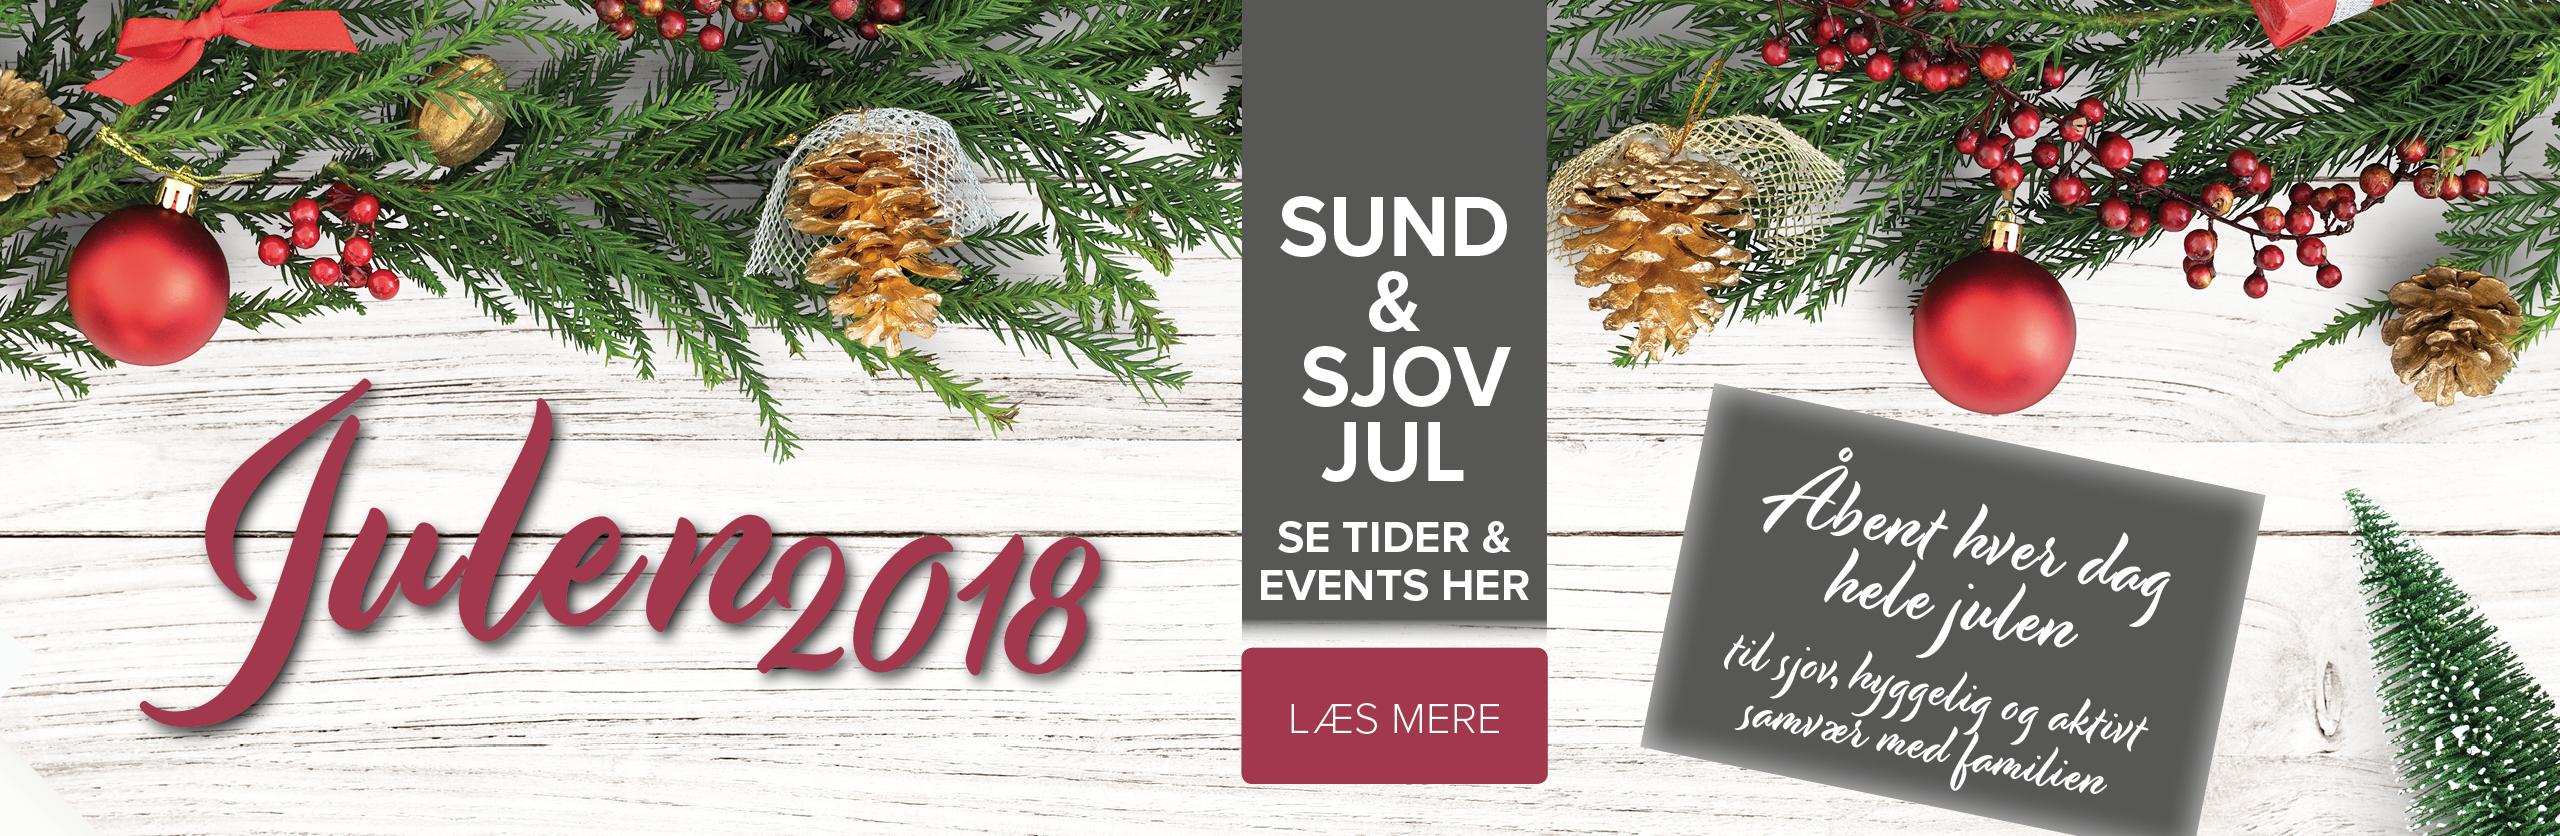 Julens åbnings- og holdtider 2018